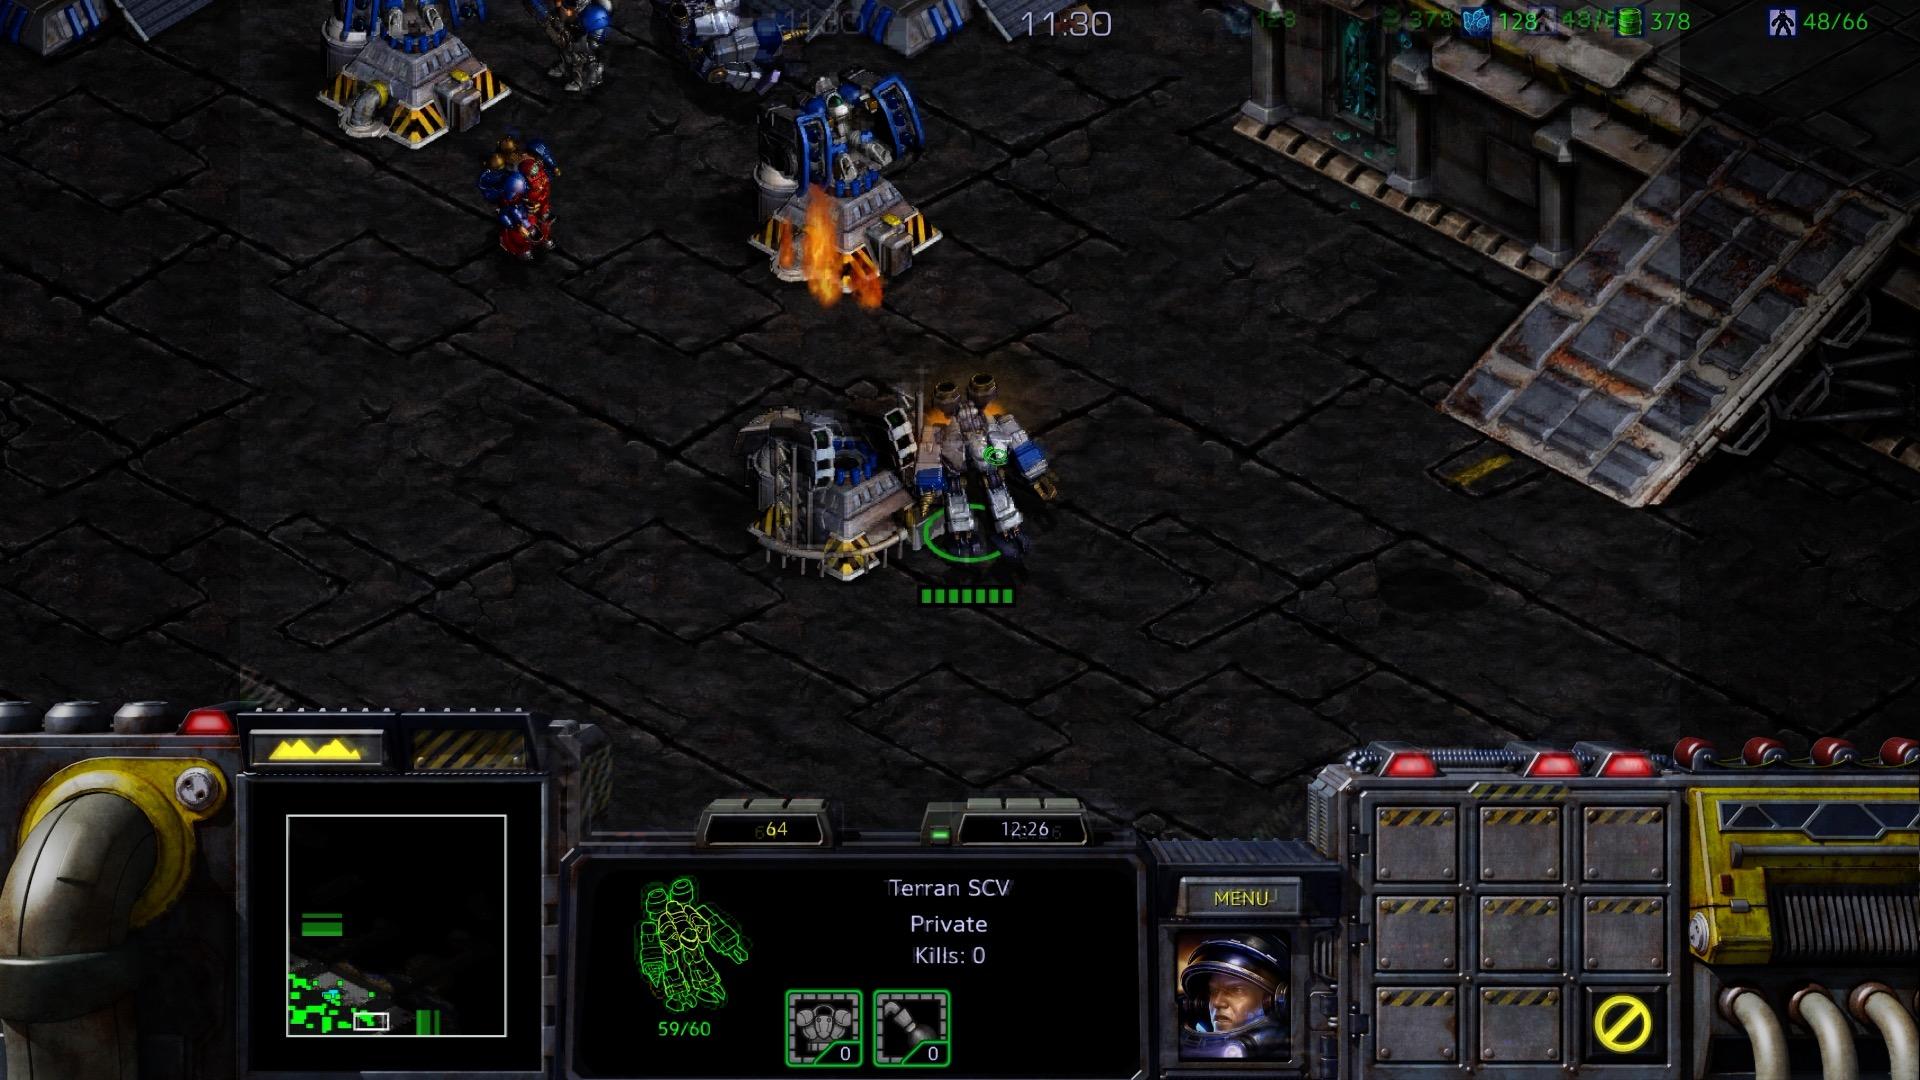 Starcraft Remastered im Test: Klick, klick, klick, klick, klick als wär es 1998 - Starcraft Remastered (Screenshot: Michael Wieczorek/Golem.de)